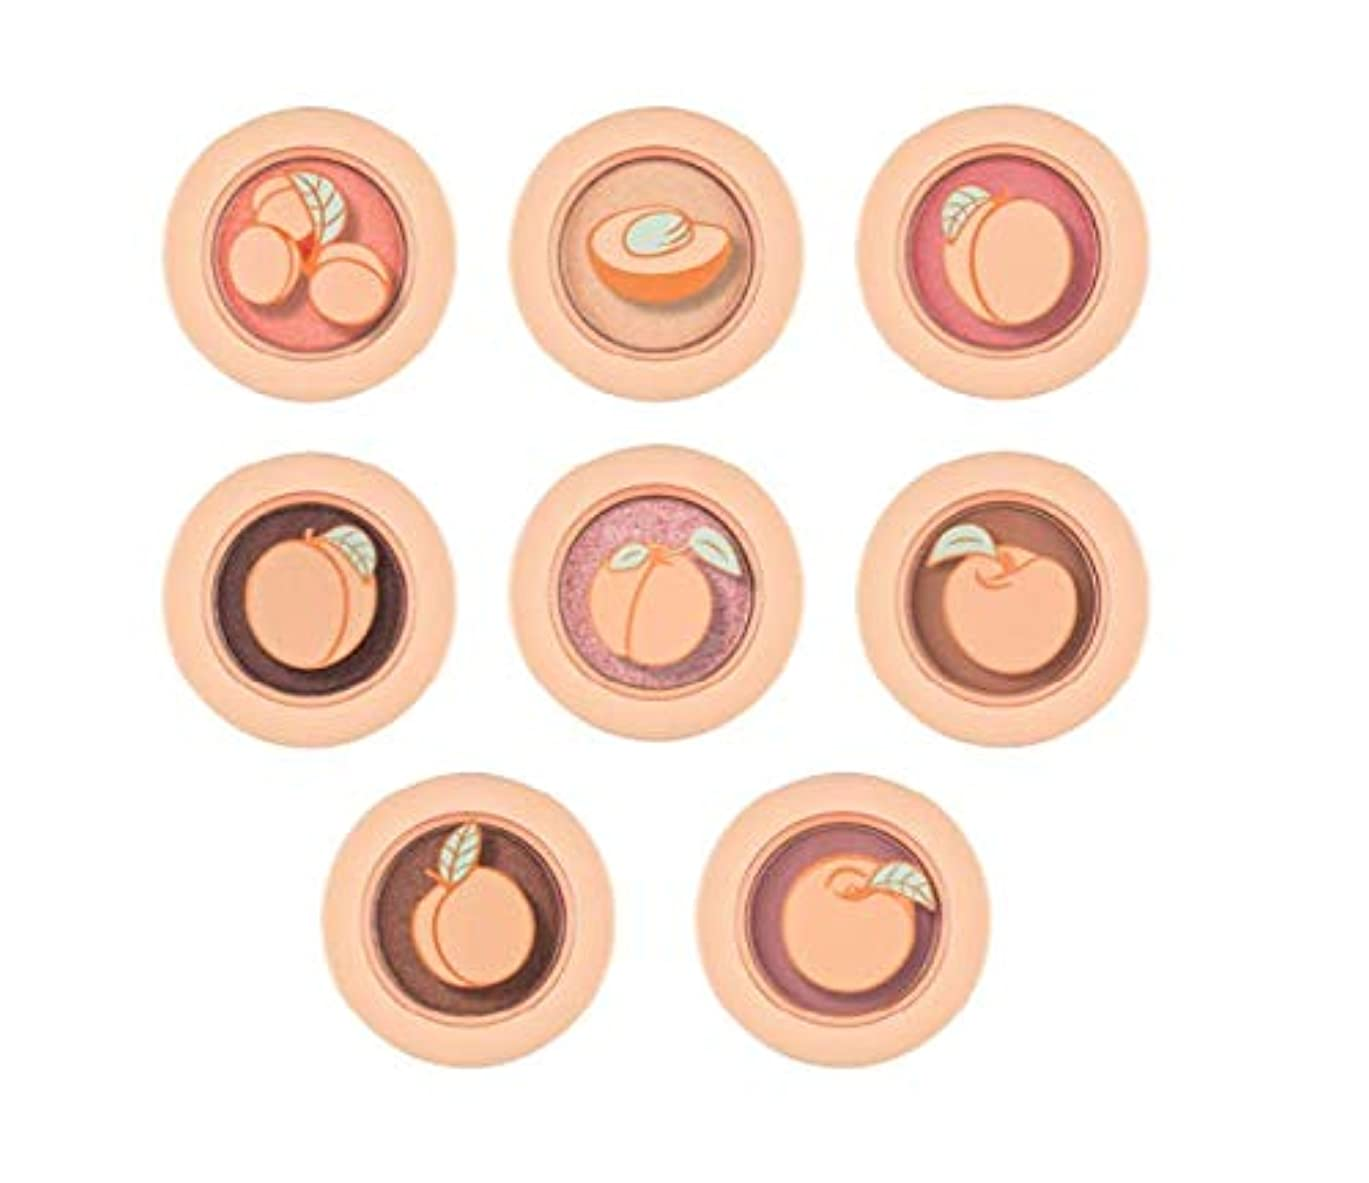 却下するエンゲージメントちょうつがい【アリタウム.aritaum](公式)モノアイズアプリコットコレクション/mono eyes collection (G21)